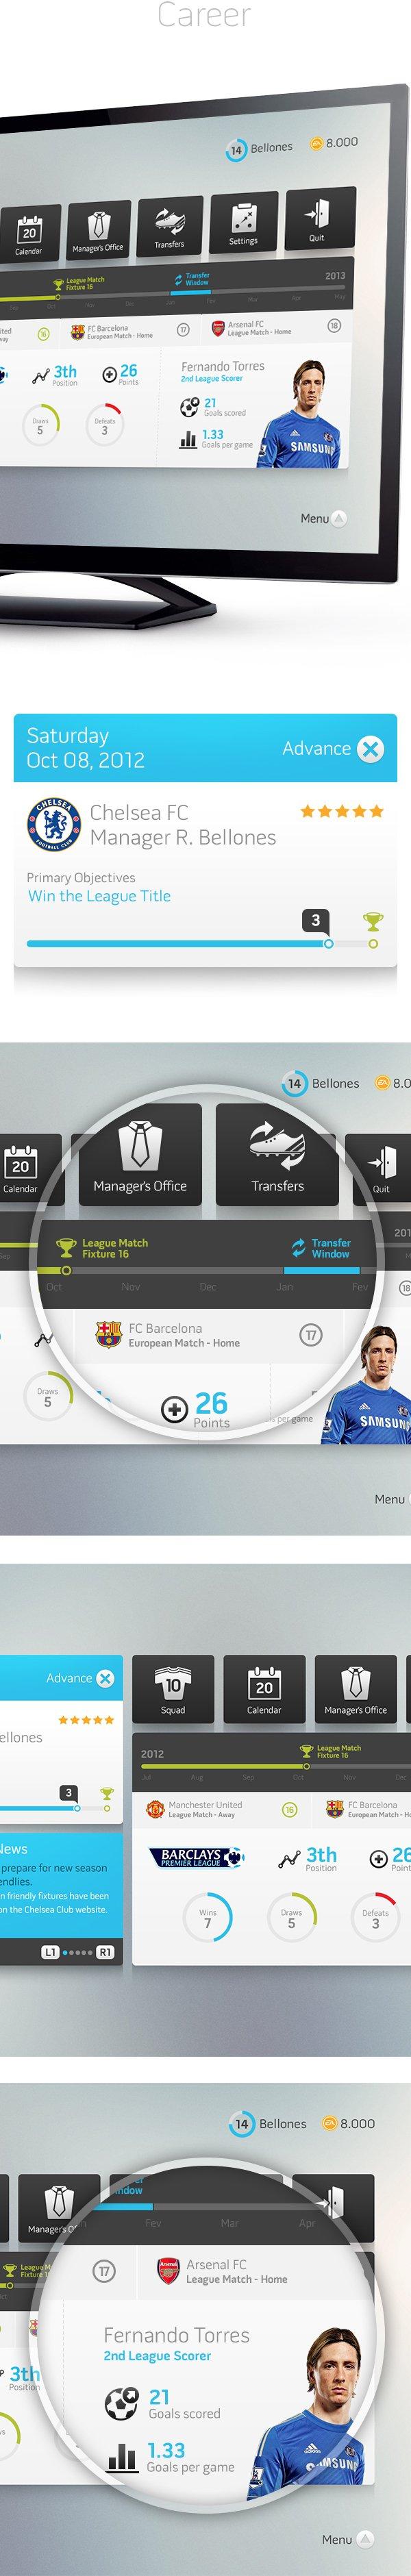 В сети появился дизайнерский прототип интерфейса FIFA - Изображение 4